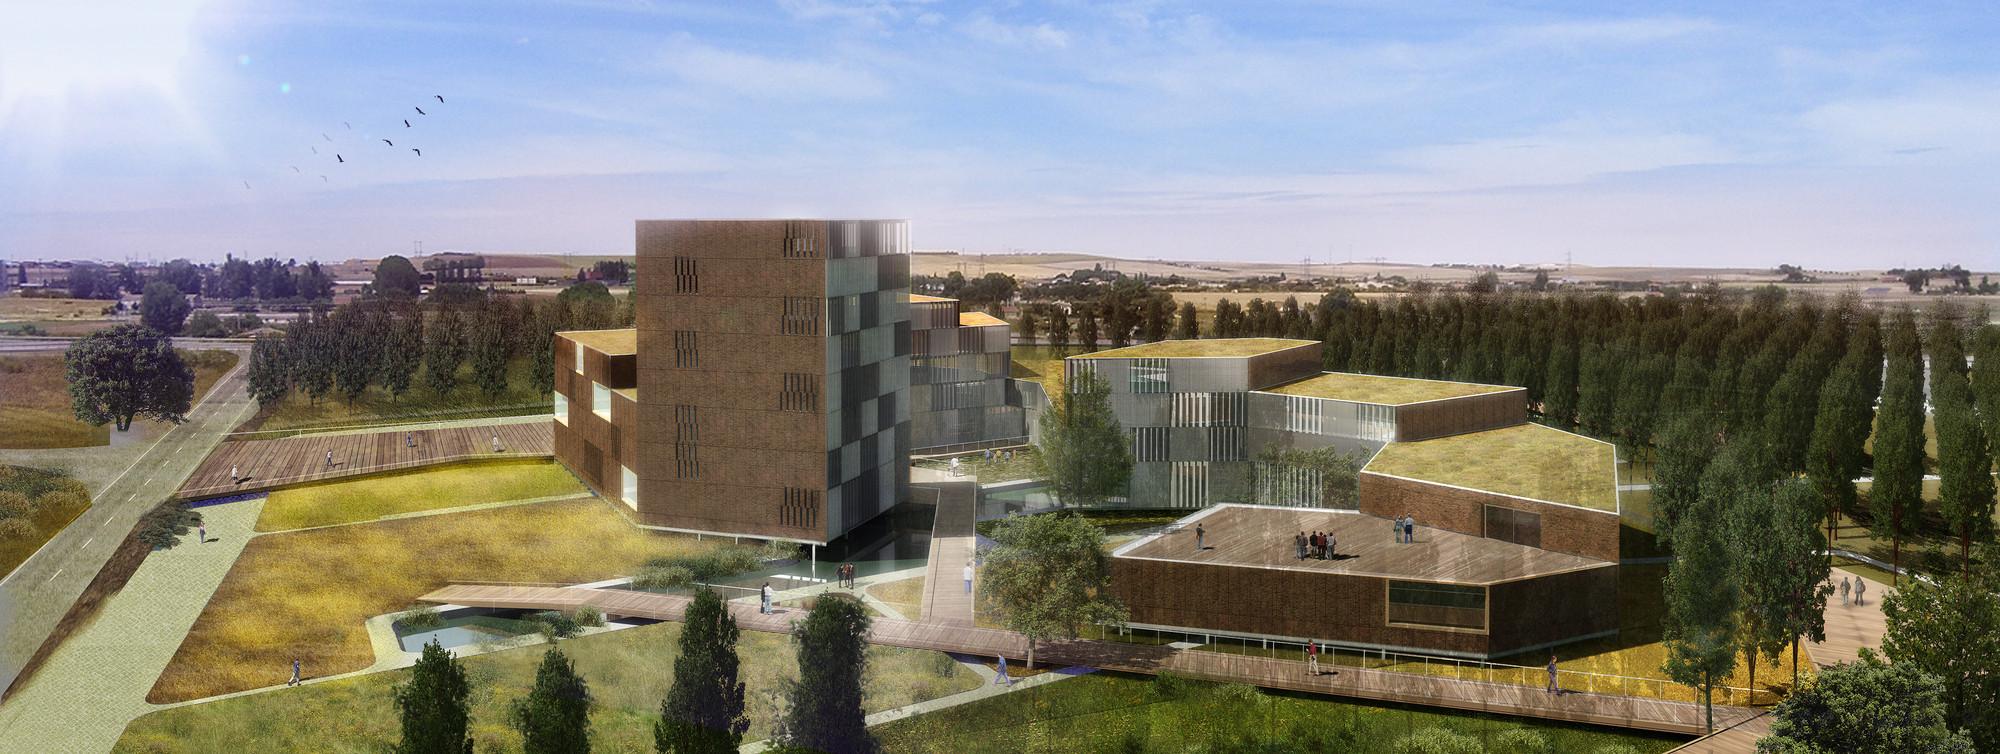 Cúpula Tecnológica Zamora / Herreros Arquitectos + Mangado, Cortesia de Herreros + Mangado